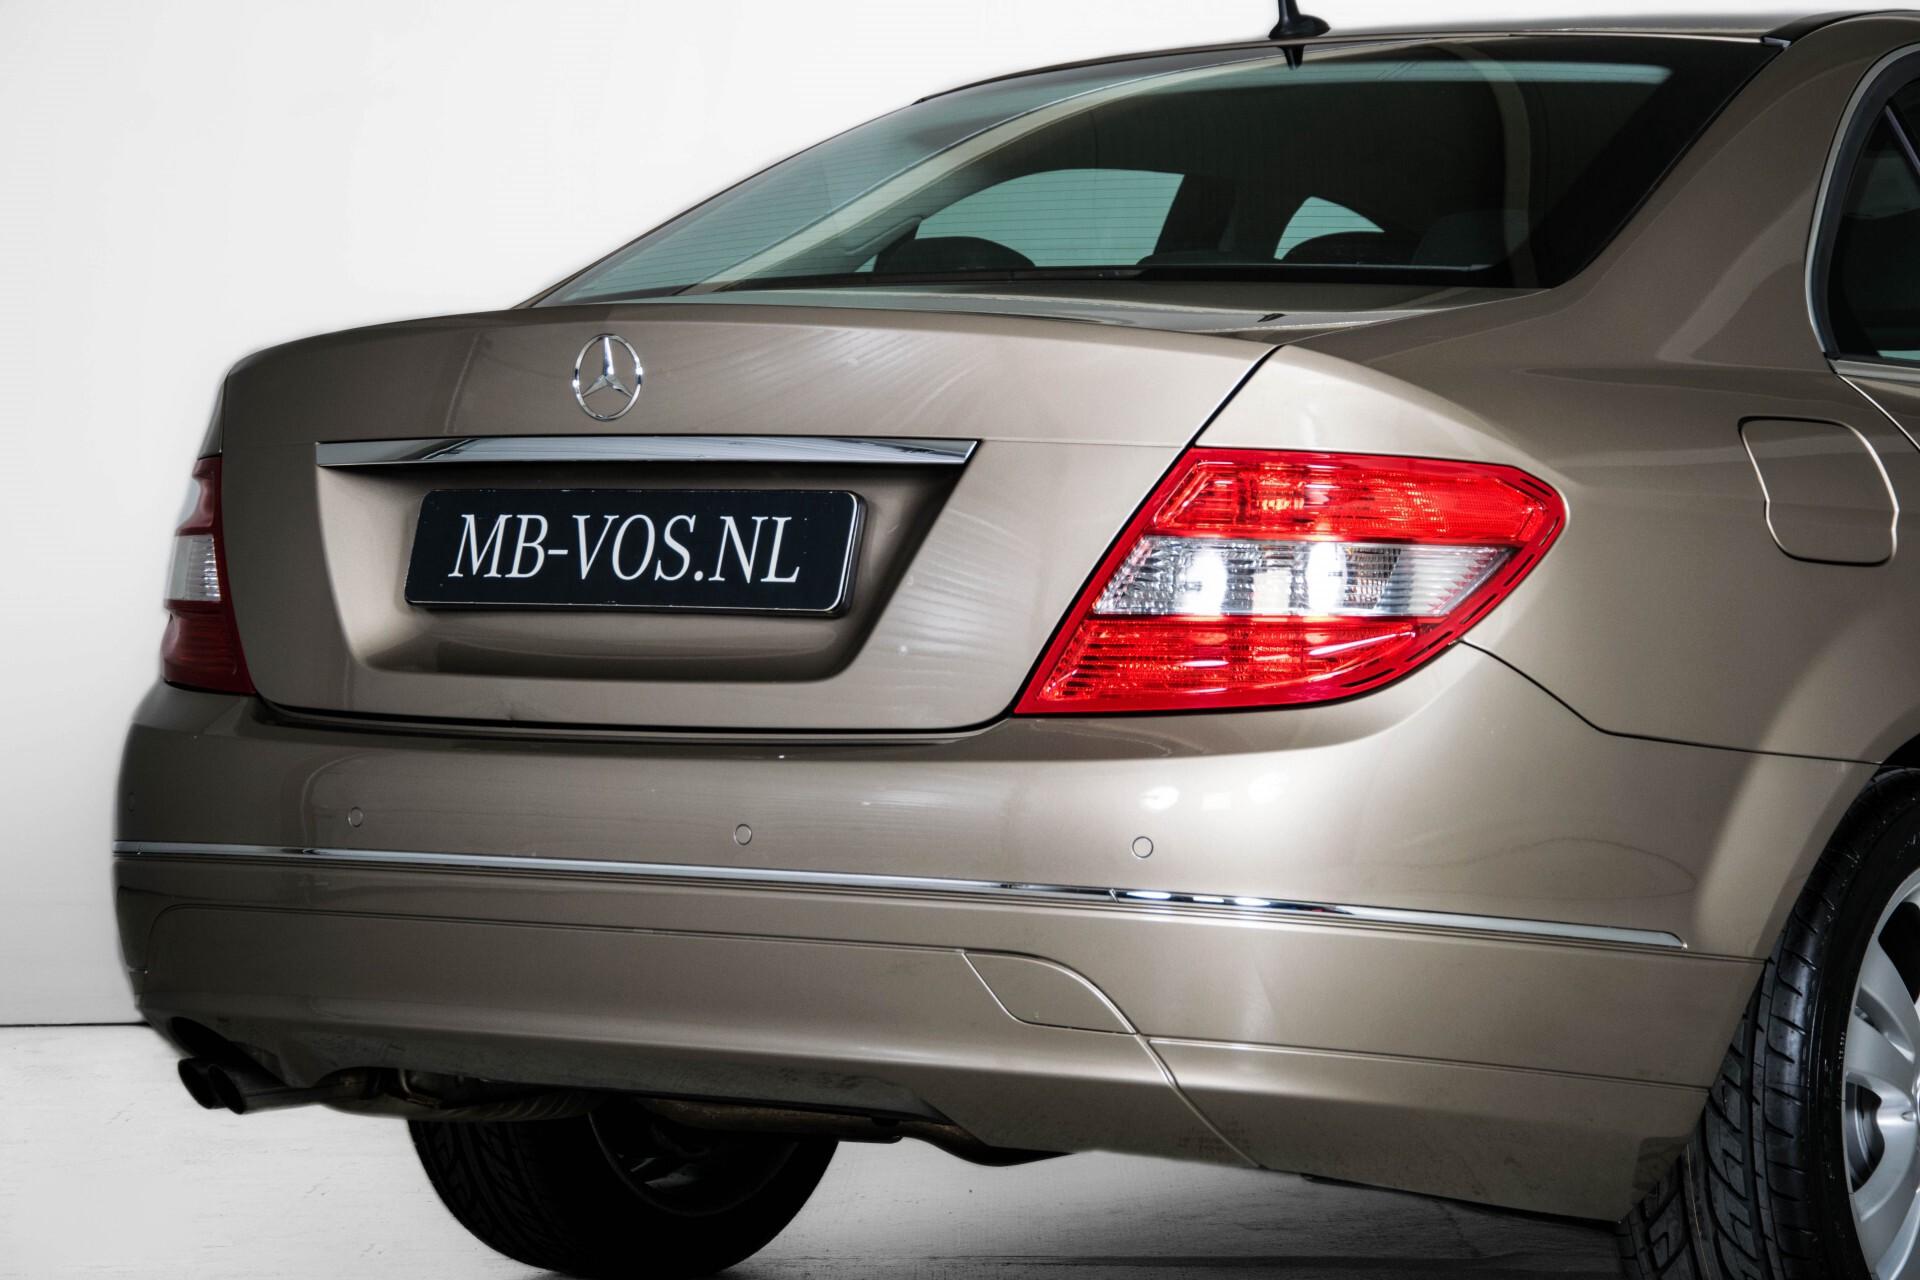 Mercedes-Benz C-Klasse 180 K Avantgarde 1ste eigenaar/NL geleverd/Dealer onderhouden/Volledig gedocumenteerd Foto 34